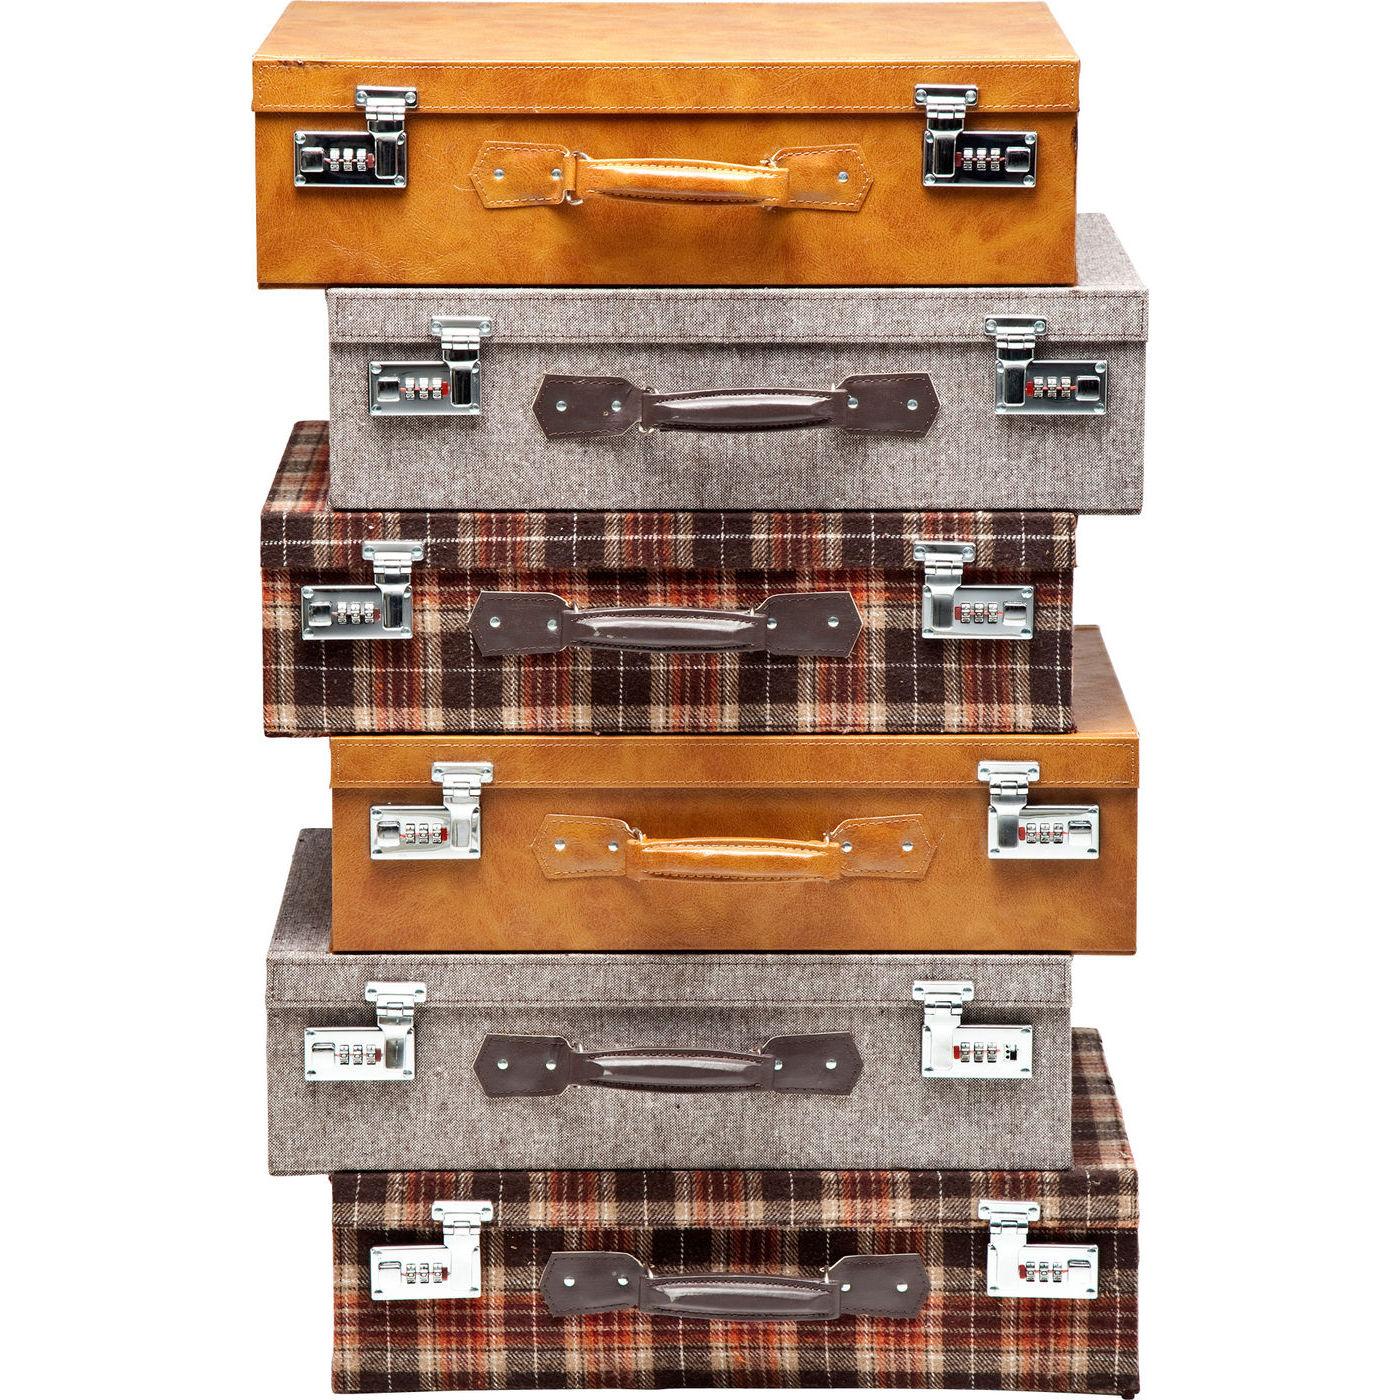 Billede af Kare Design Kommode, Suitcase Highlands